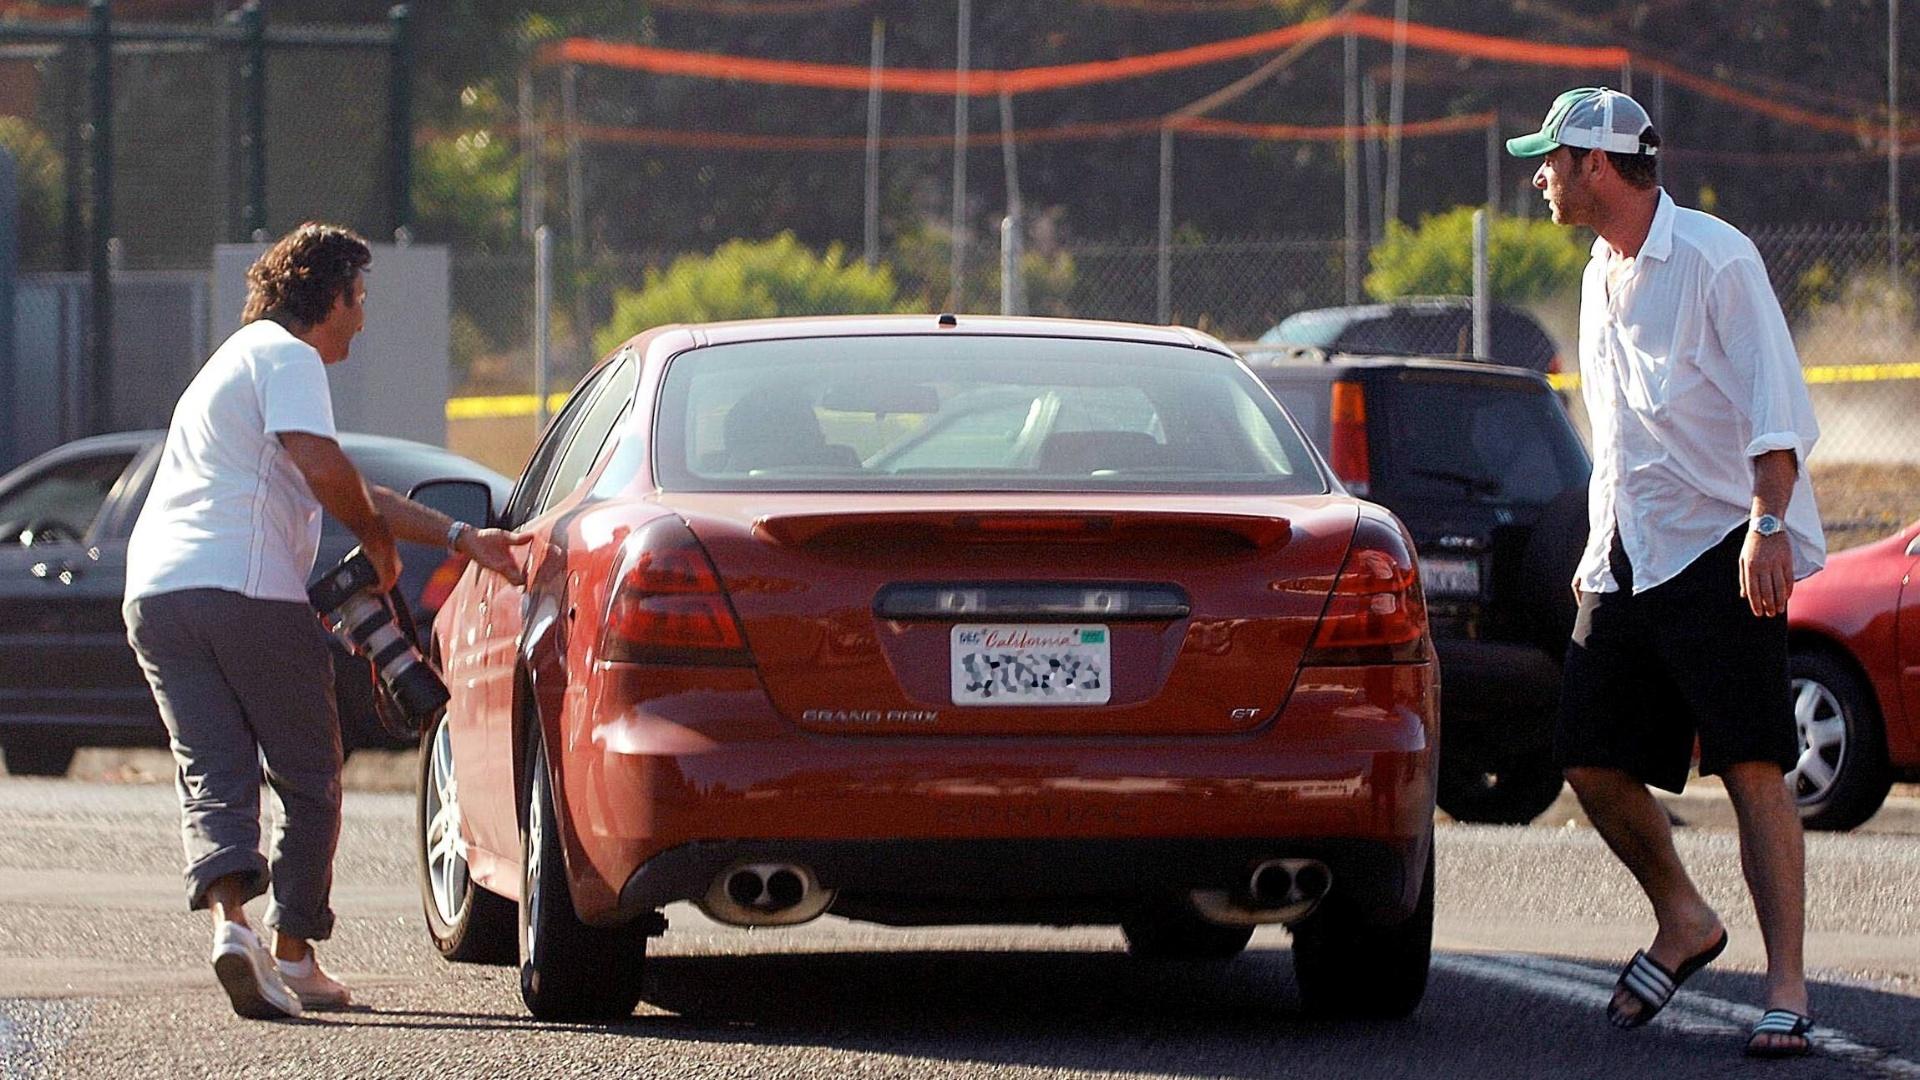 19.out.2007: Após perceber que estava sendo perseguido, o ator Liev Schreiber sai correndo atrás do fotógrafo, que consegue entrar em seu carro antes de ser pego